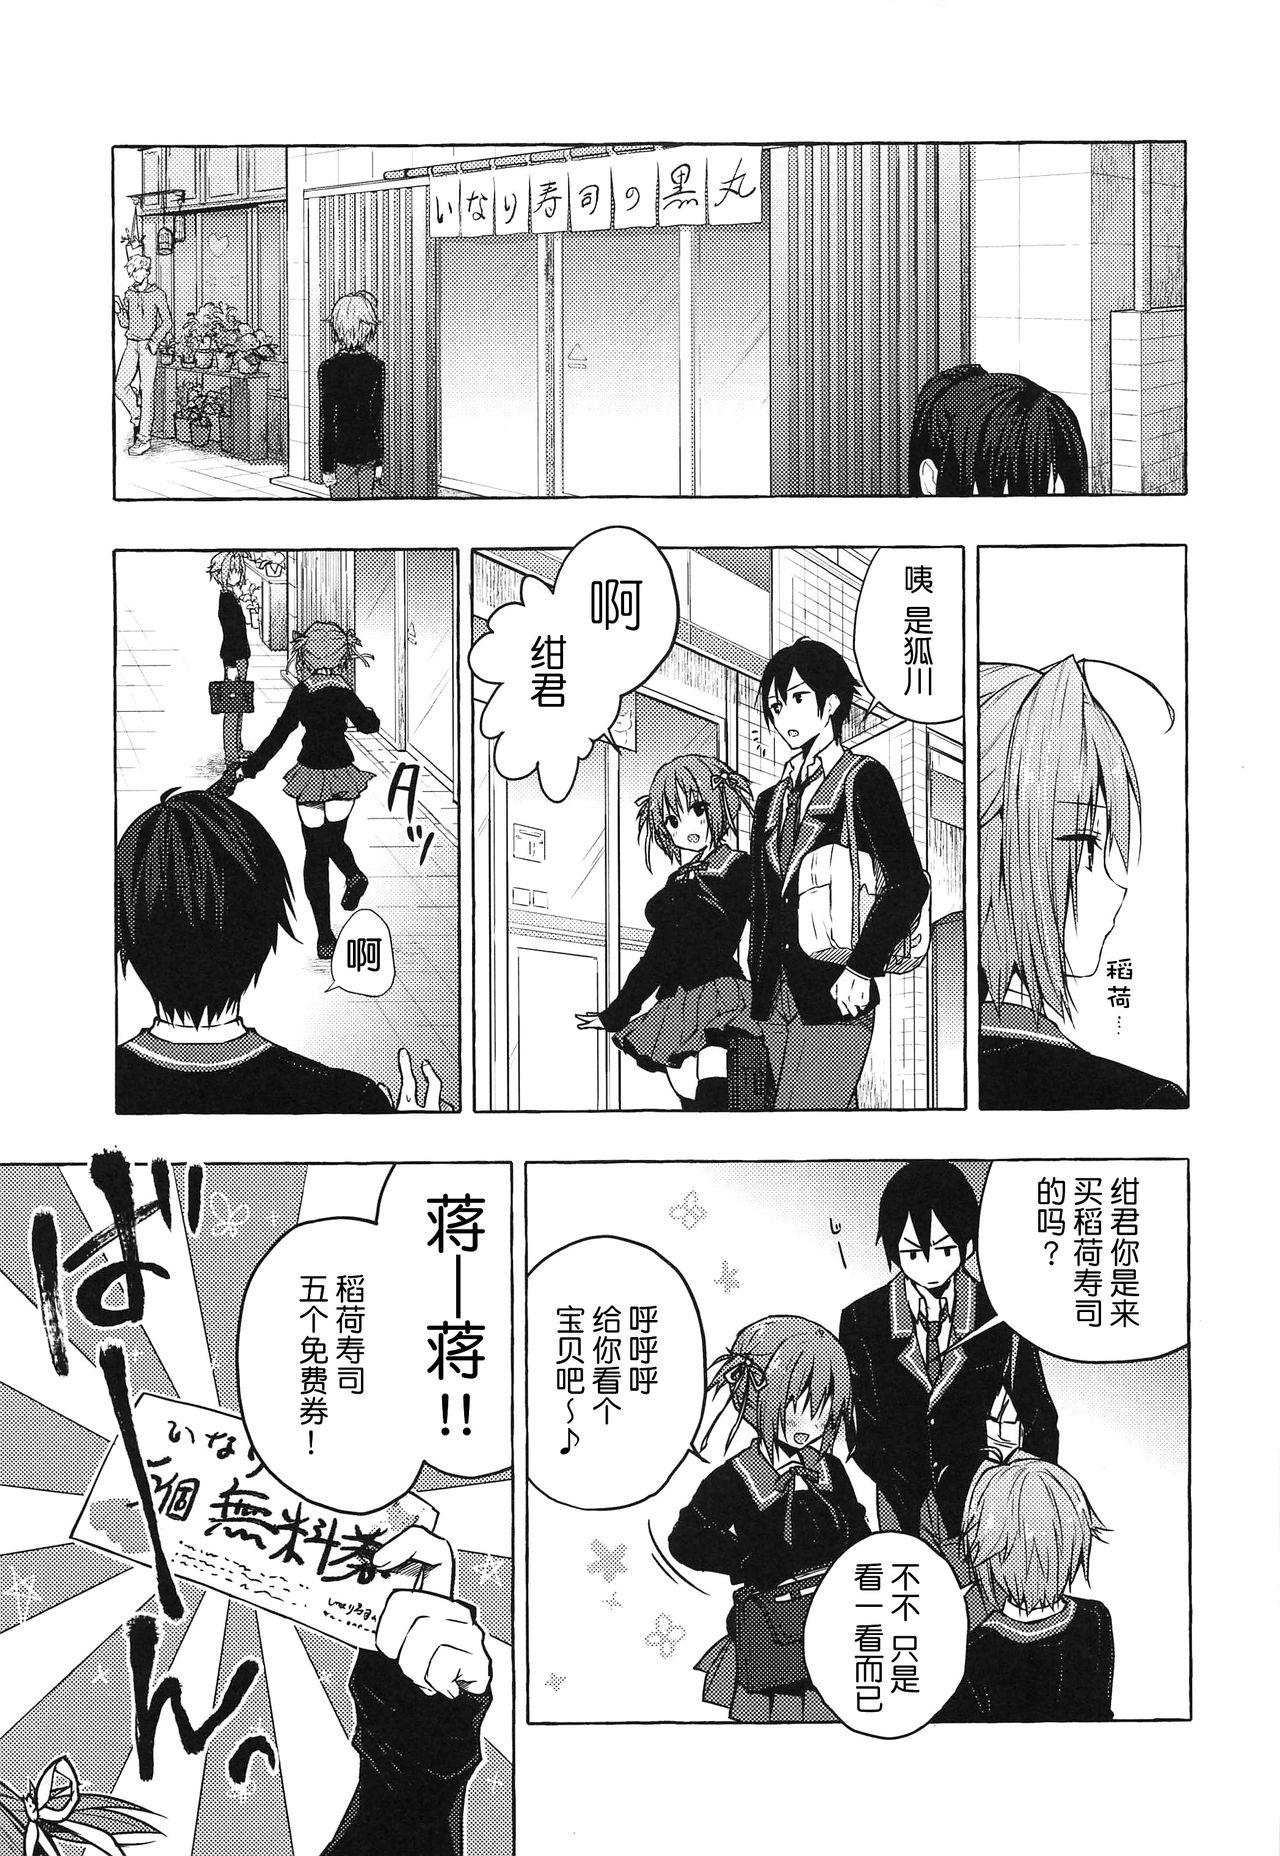 (COMIC1☆15) [KINOKONOMI (konomi)] Nyancology 8 -Otomari ni Kita Nekoda-san to no Himitsu- [Chinese] [路过的rlx个人练习汉化] 9